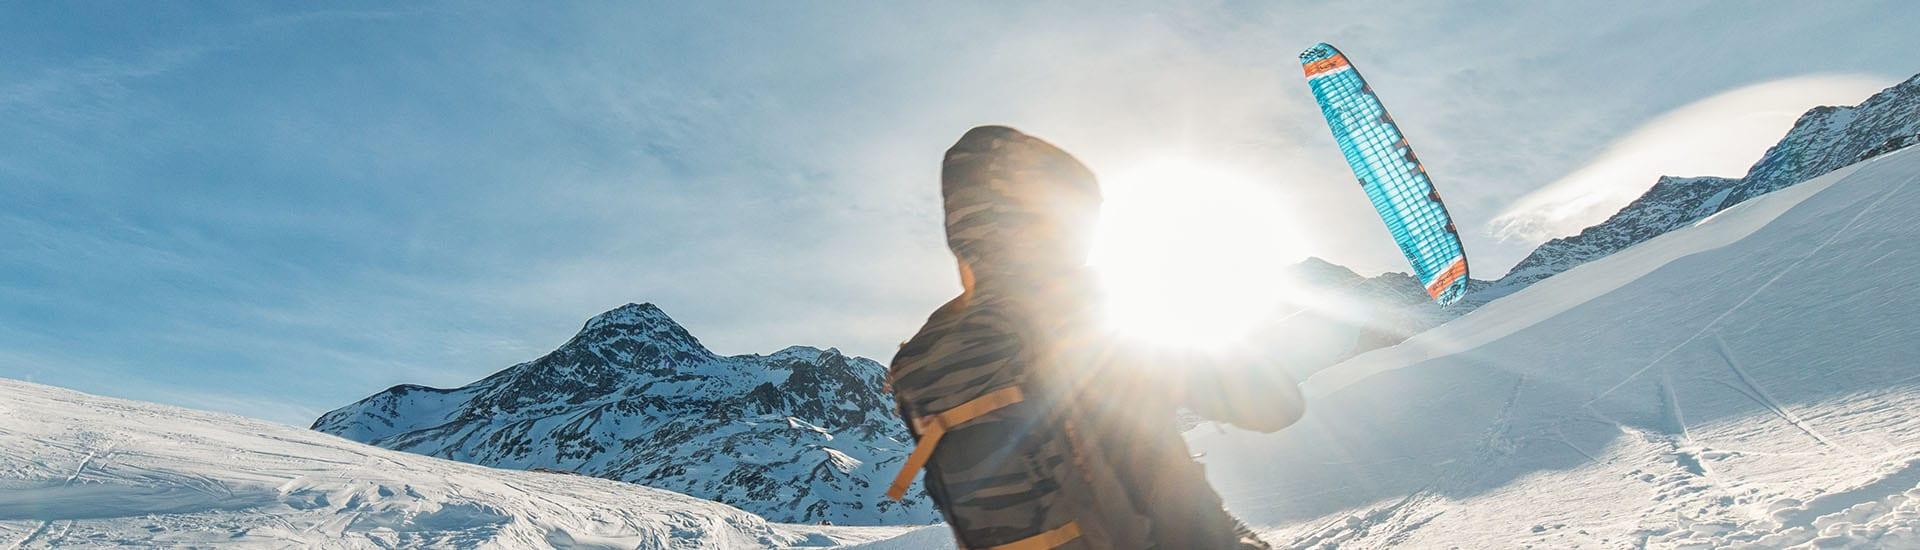 Ab in den Schnee – Snowkiten!